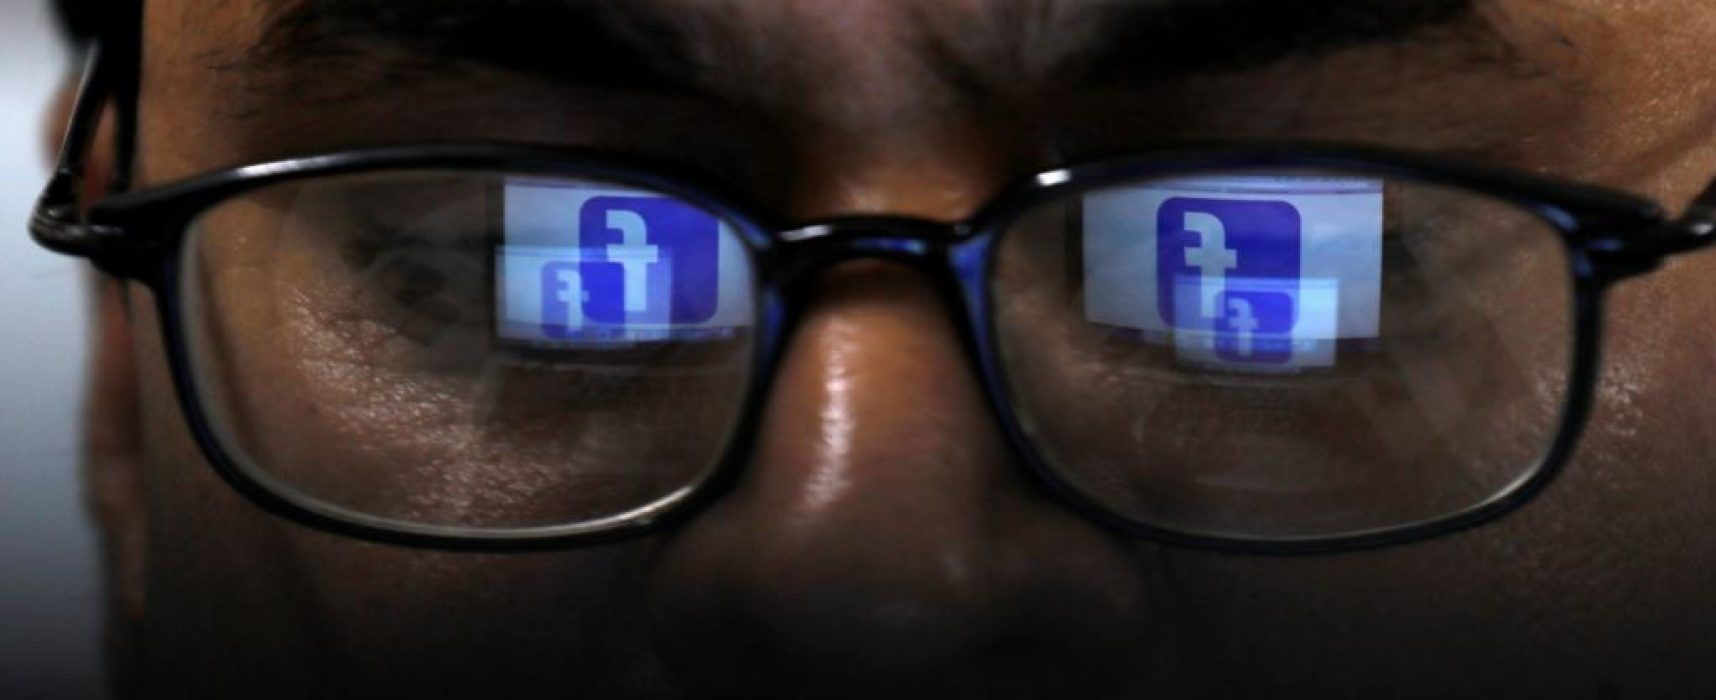 Фейкового журналиста Радио Свобода заблокировали в фейсбуке